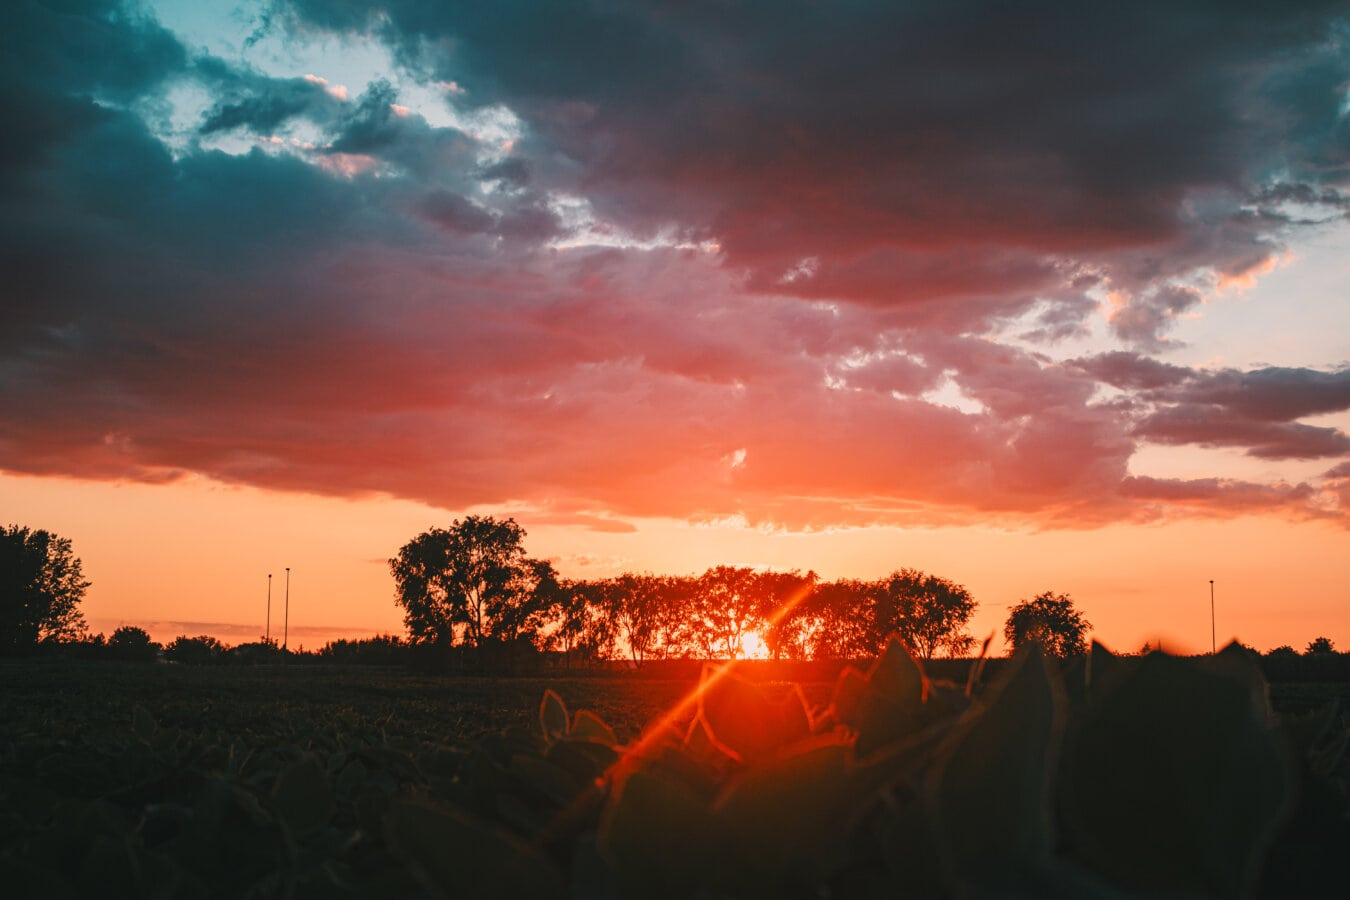 farverige, solnedgang, solens stråler, Sollys, rødt lys, solen, daggry, landskab, tähti, skyer